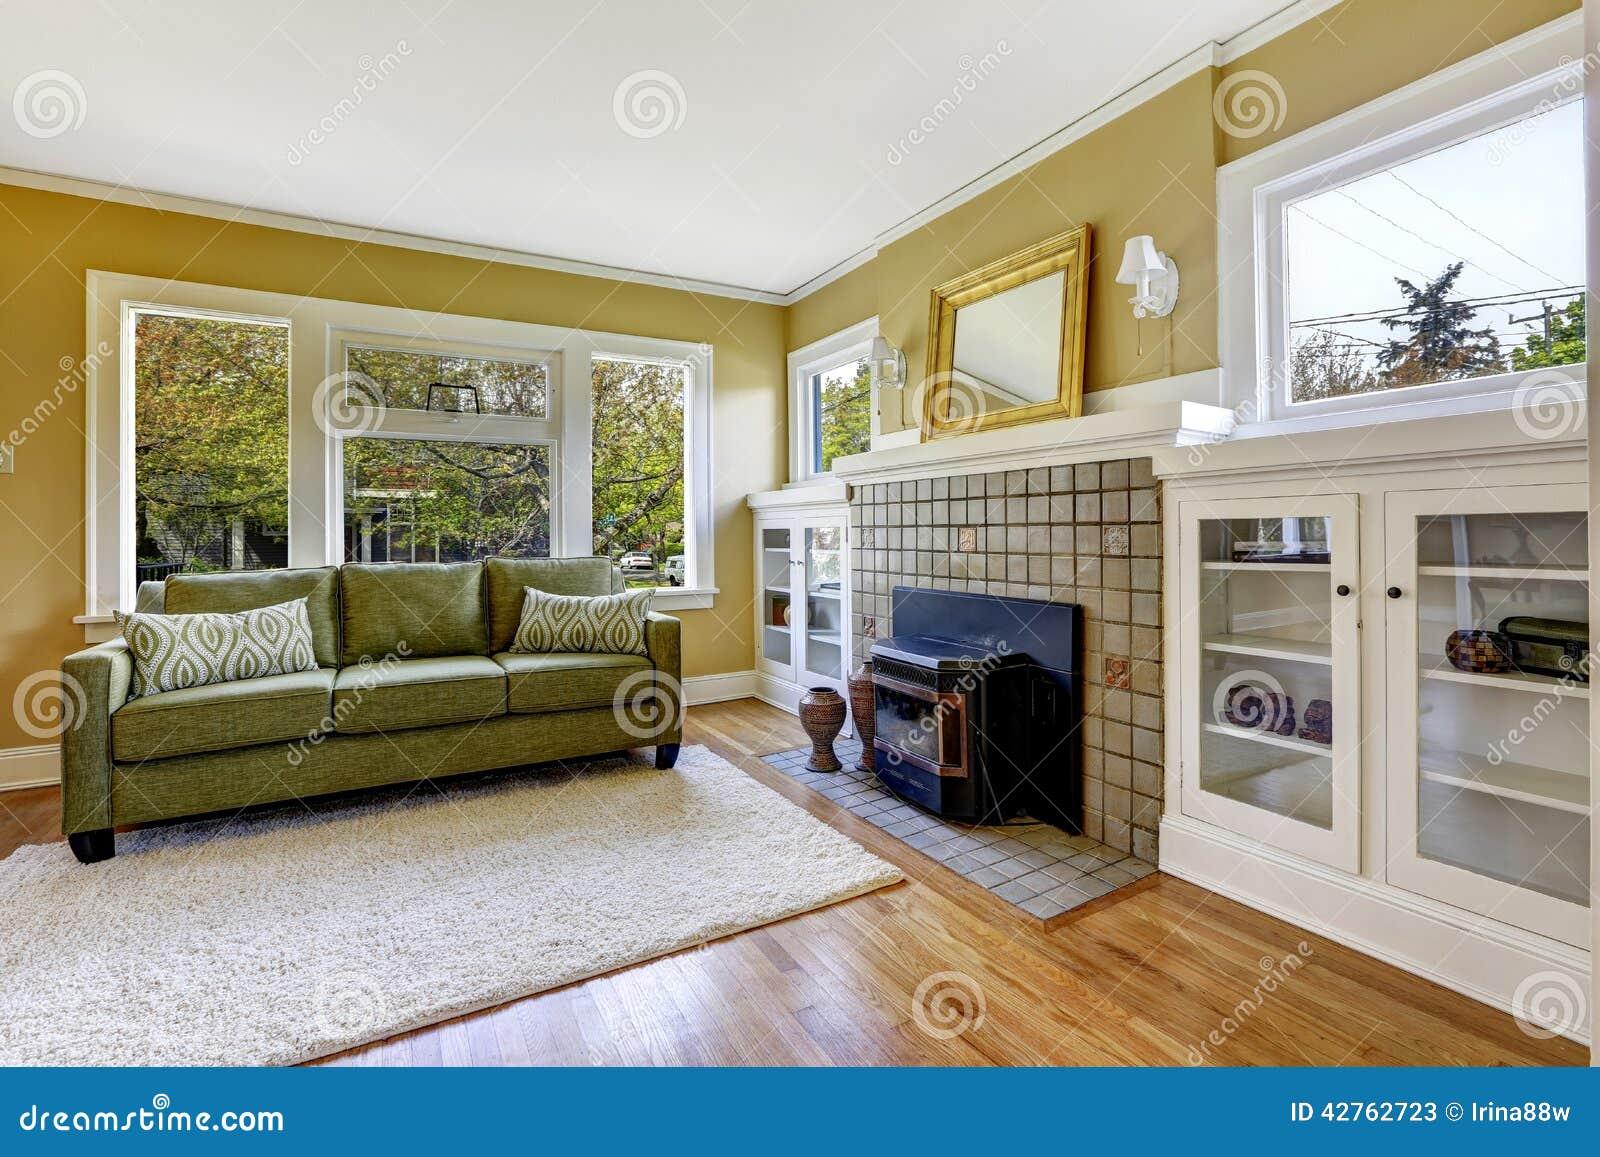 Wohnzimmer Iwith Kamin Und Grüne Couch Stockbild - Bild von ...